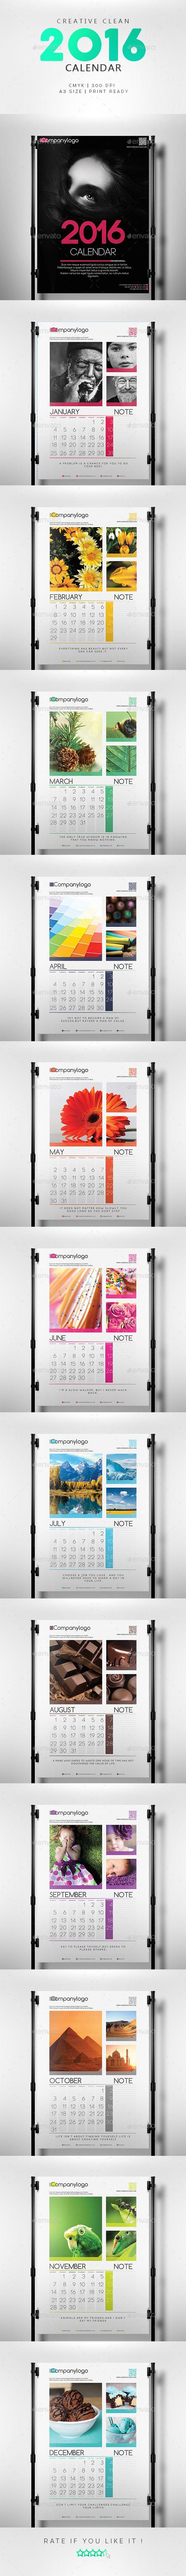 Clean 2016 Calendar